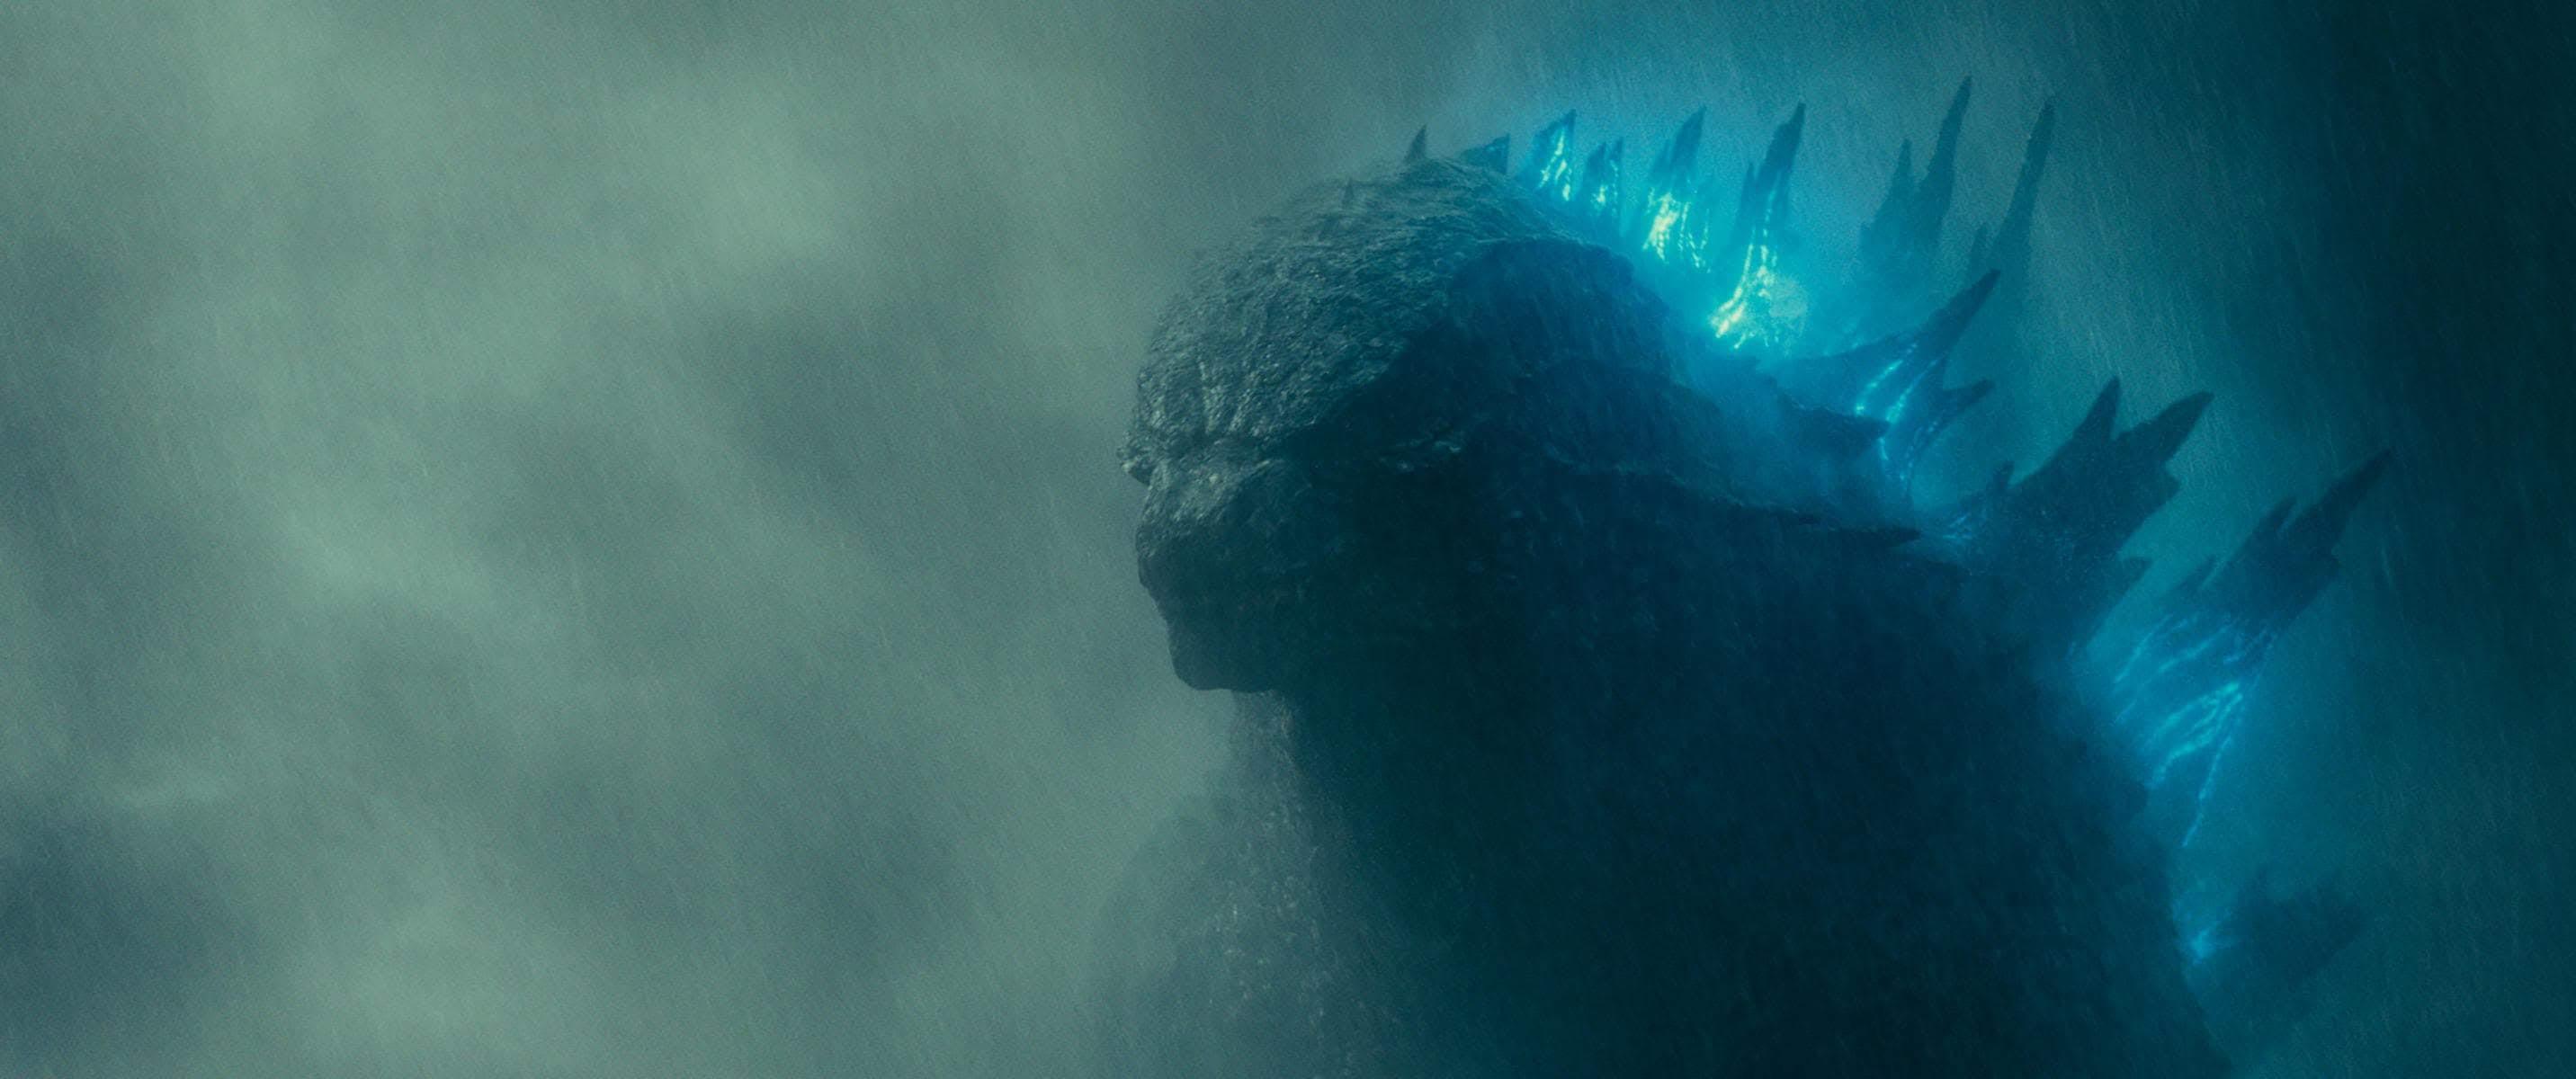 ゴジラ キング オブ ザ モンスター Godzilla King Of The